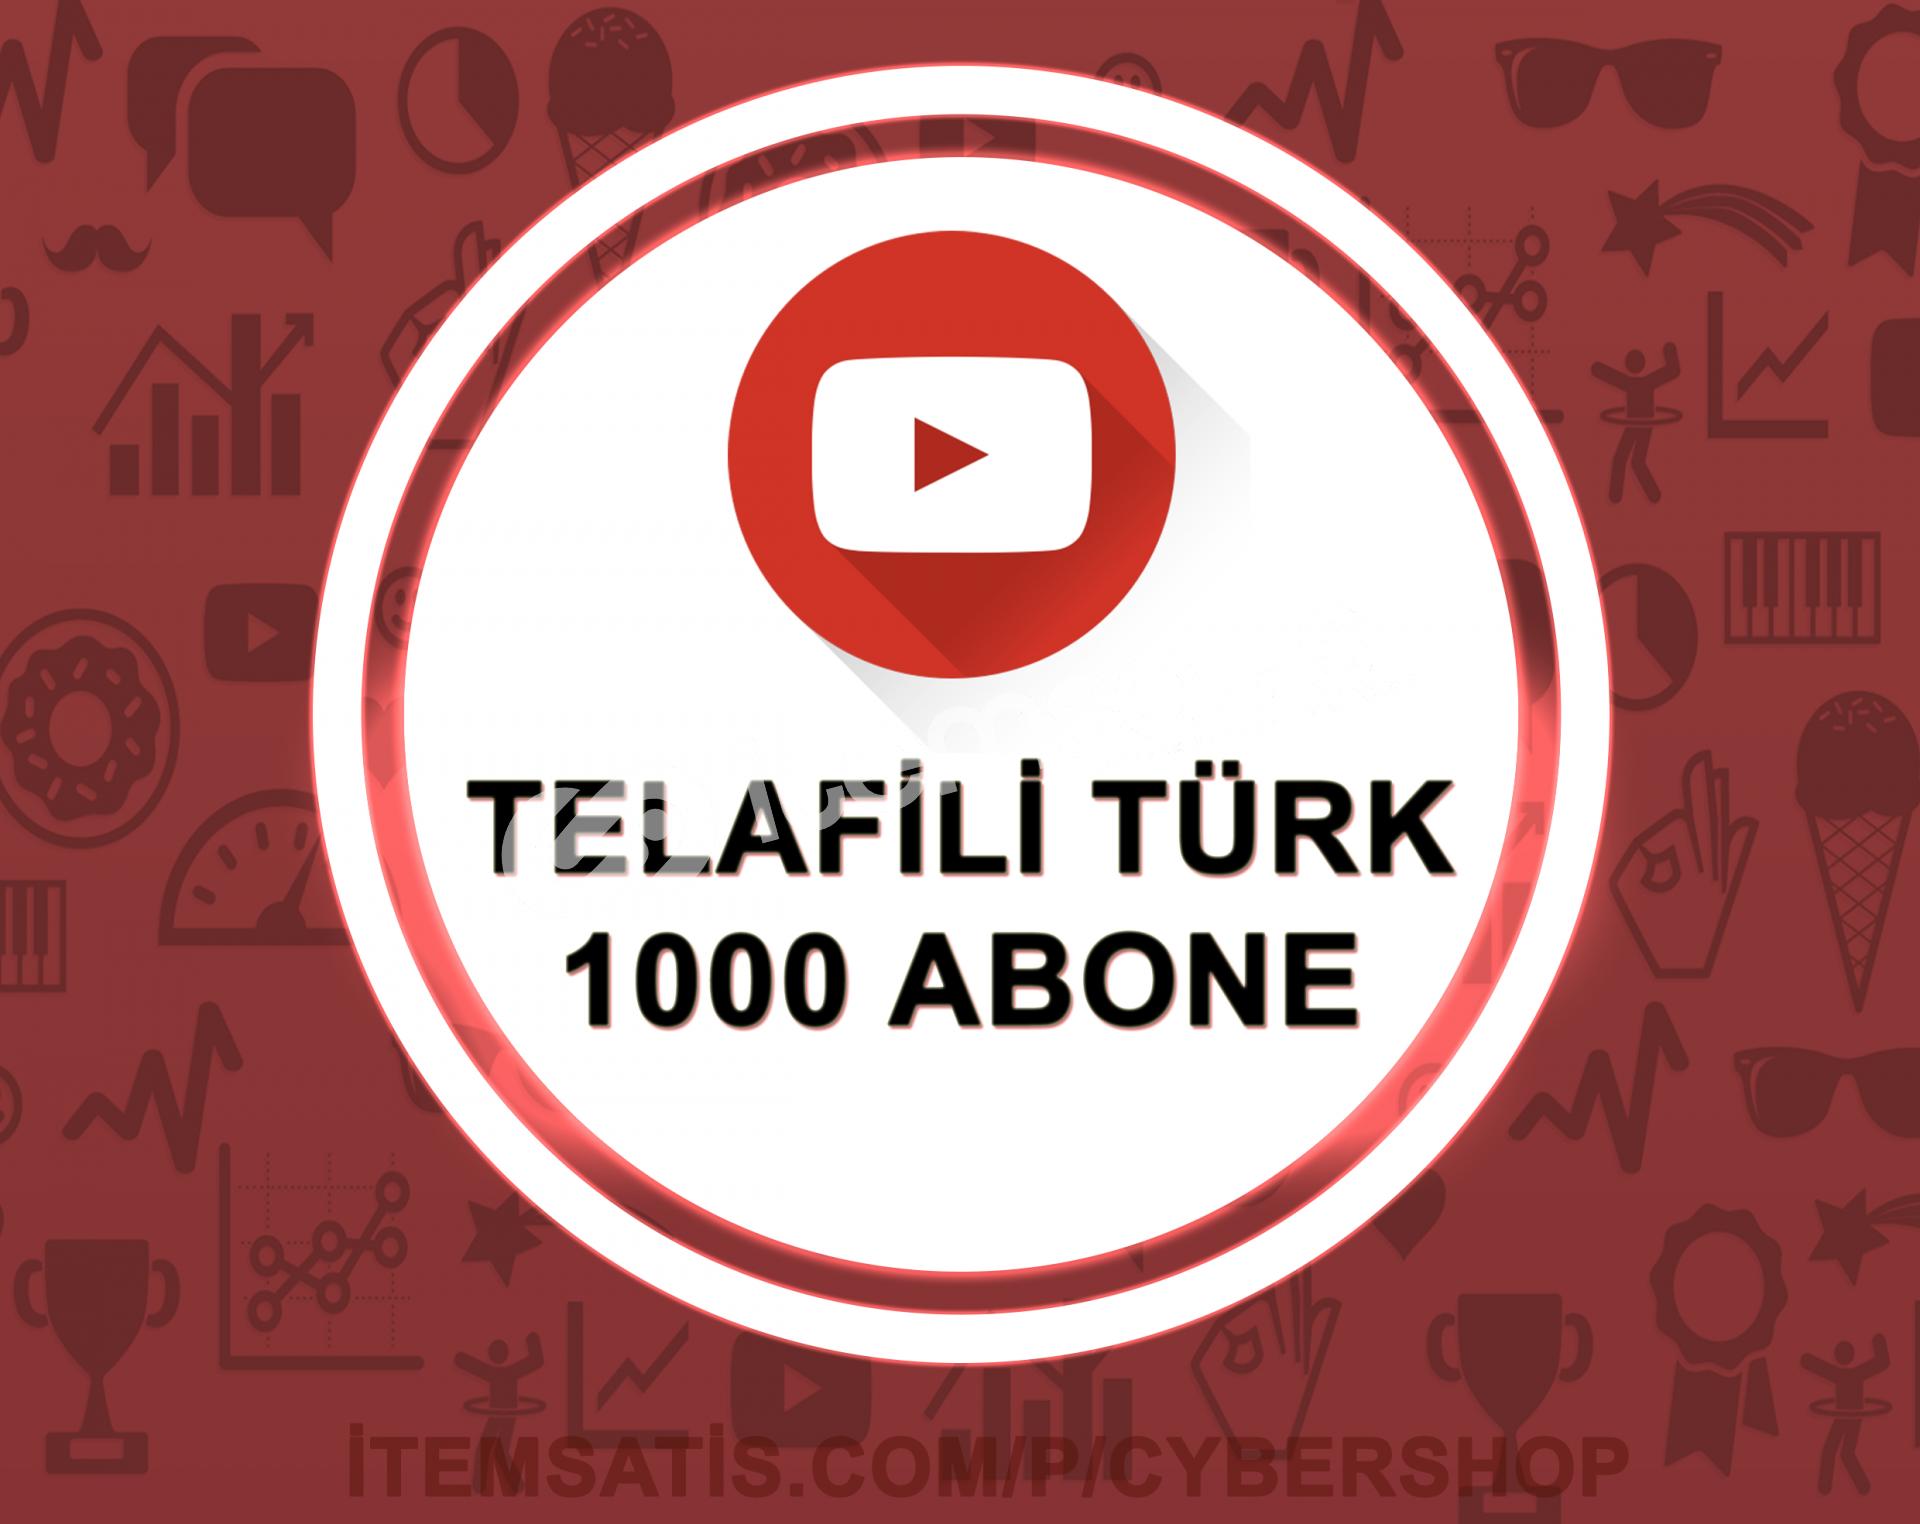 15 Gün Telafili Türk 1000 Abone (Hızlı Teslimat)